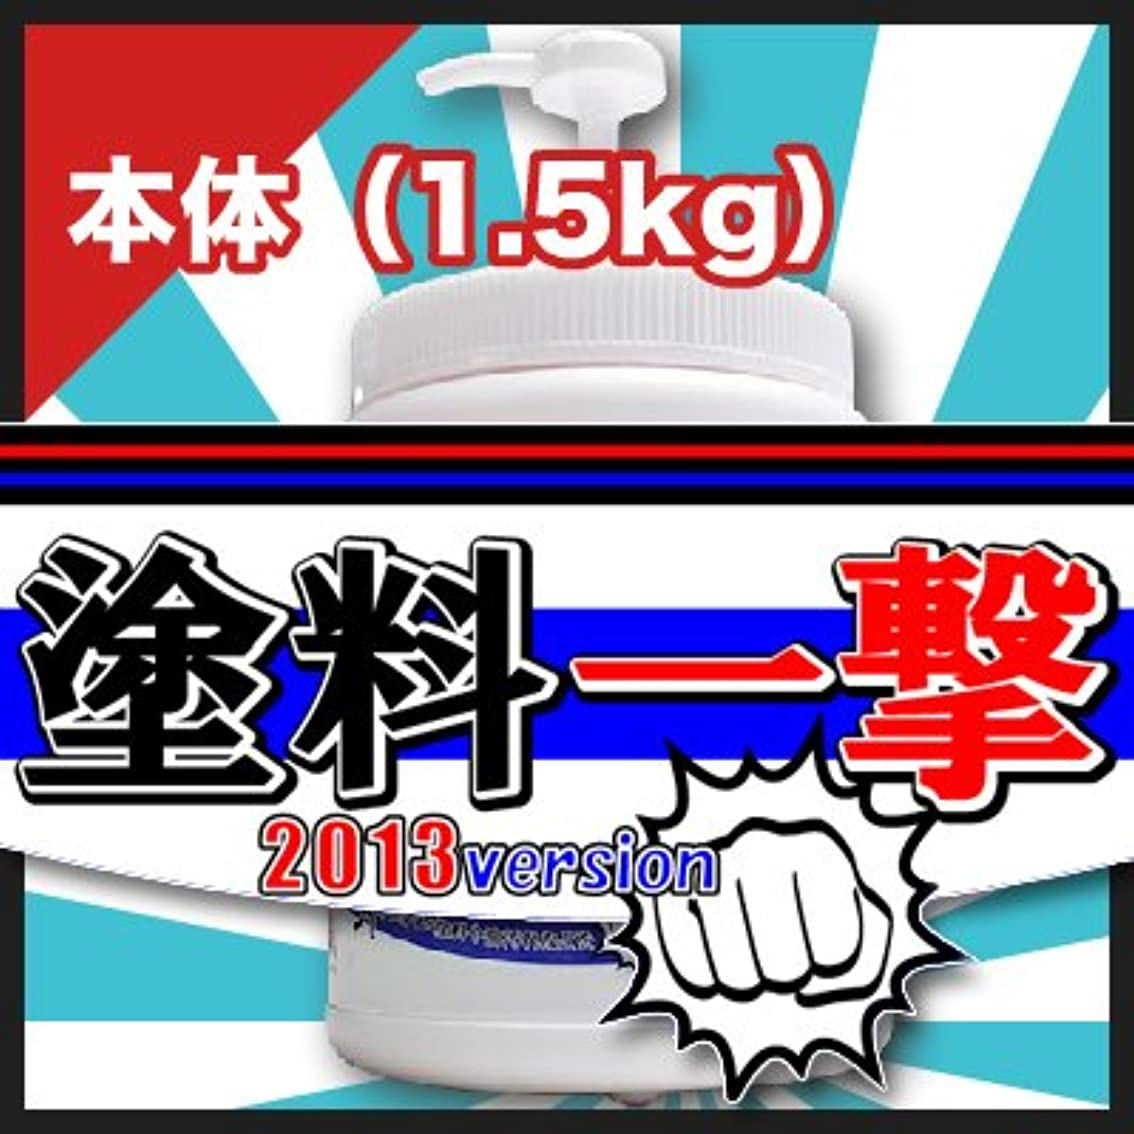 ピアース同化する爆発D.Iプランニング 塗料一撃 2013 Version 本体 (1.5kg)